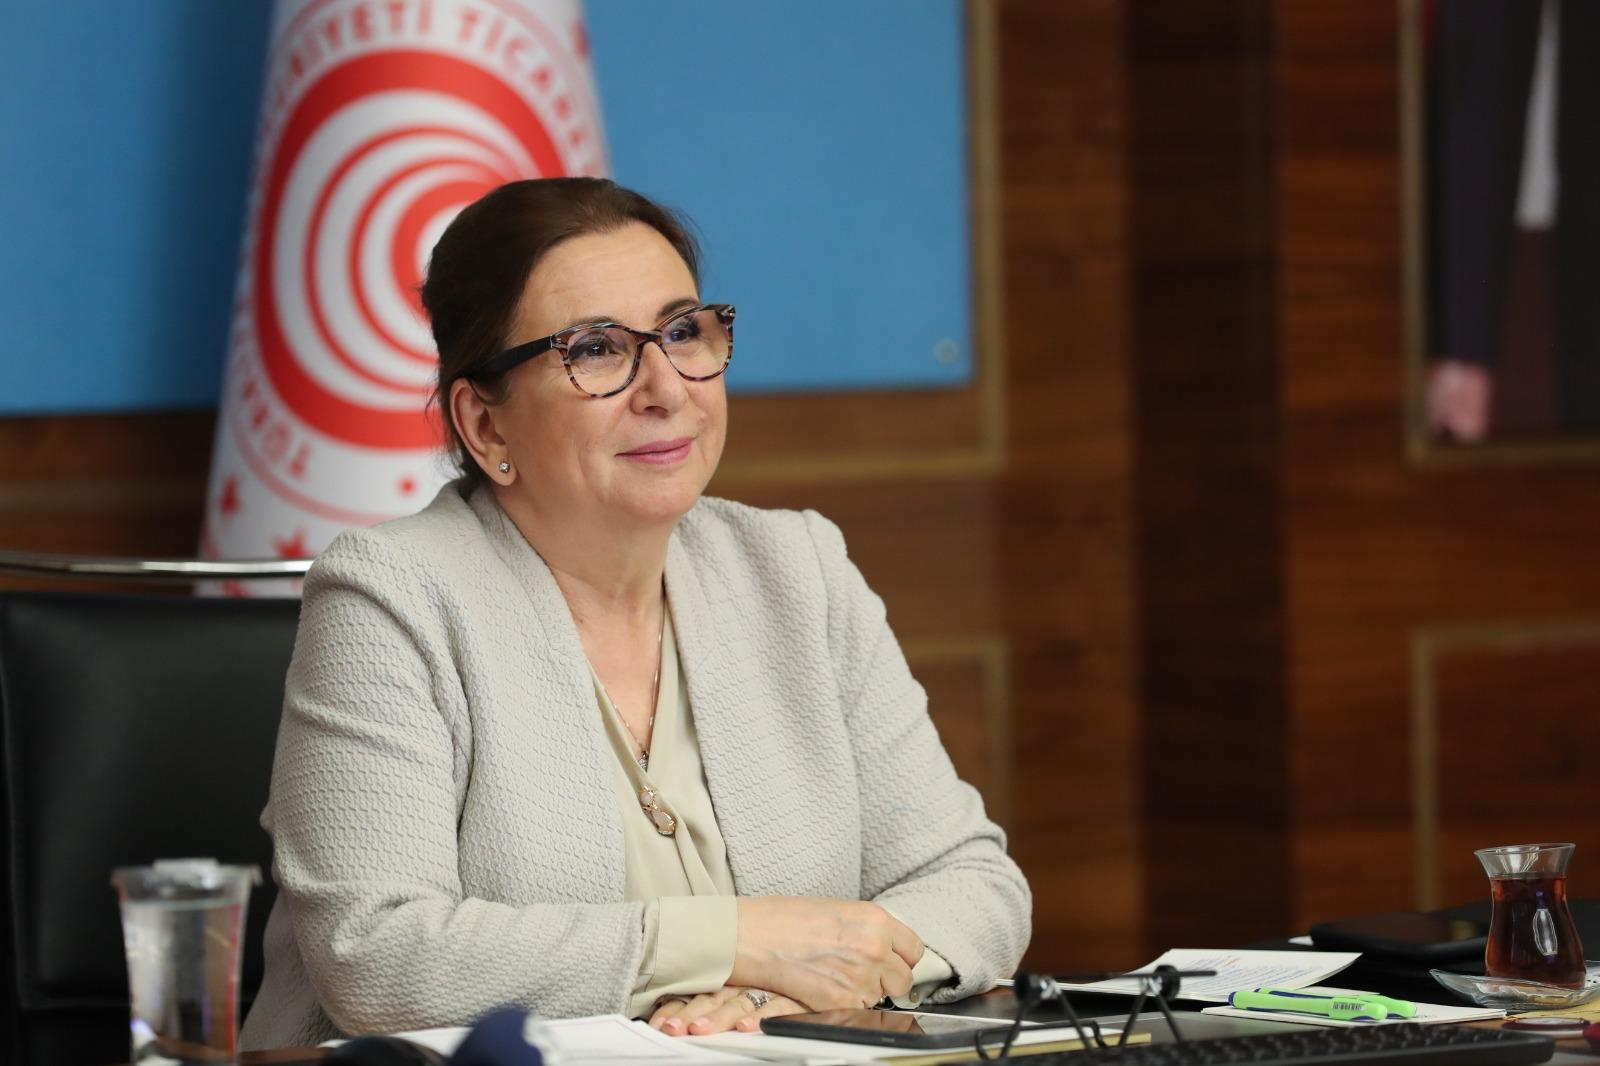 Ticaret Bakanı Ruhsar Pekcan, Temmuz ayı dış ticaret verilerini değerlendirdi